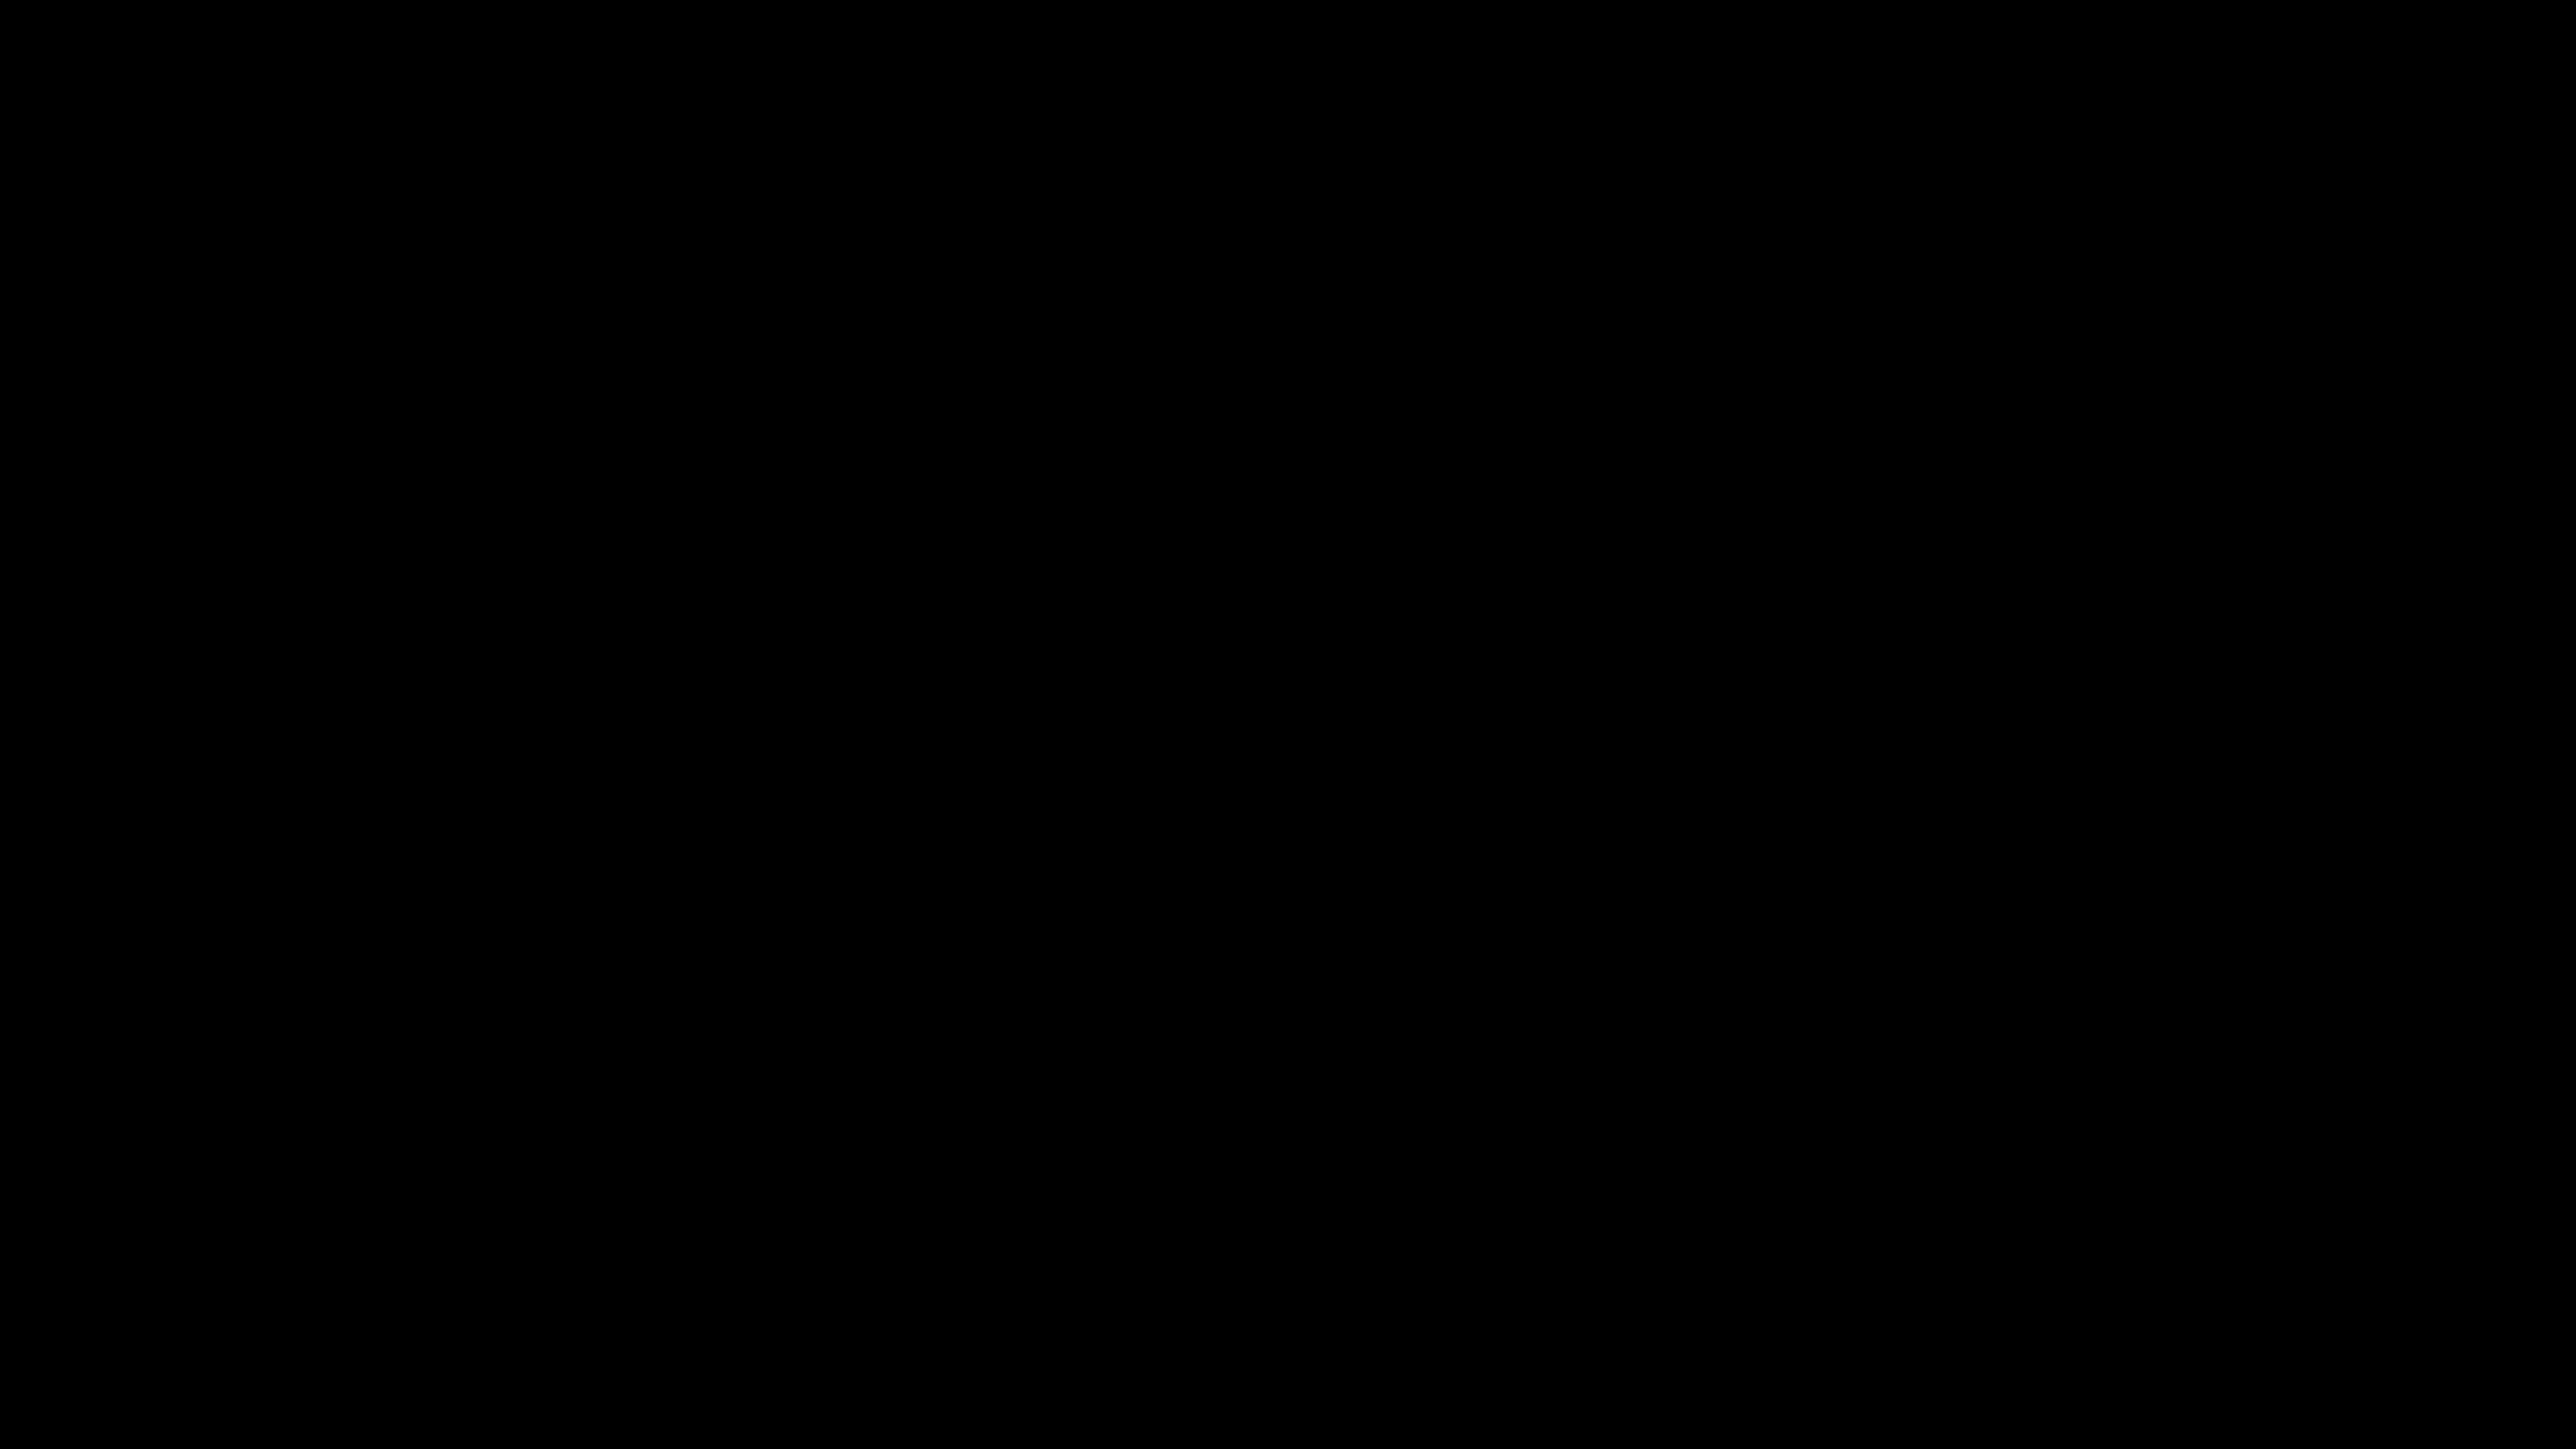 One Piece Burning Blood - One Piece Burning Blood 11K, Арт, Персонаж